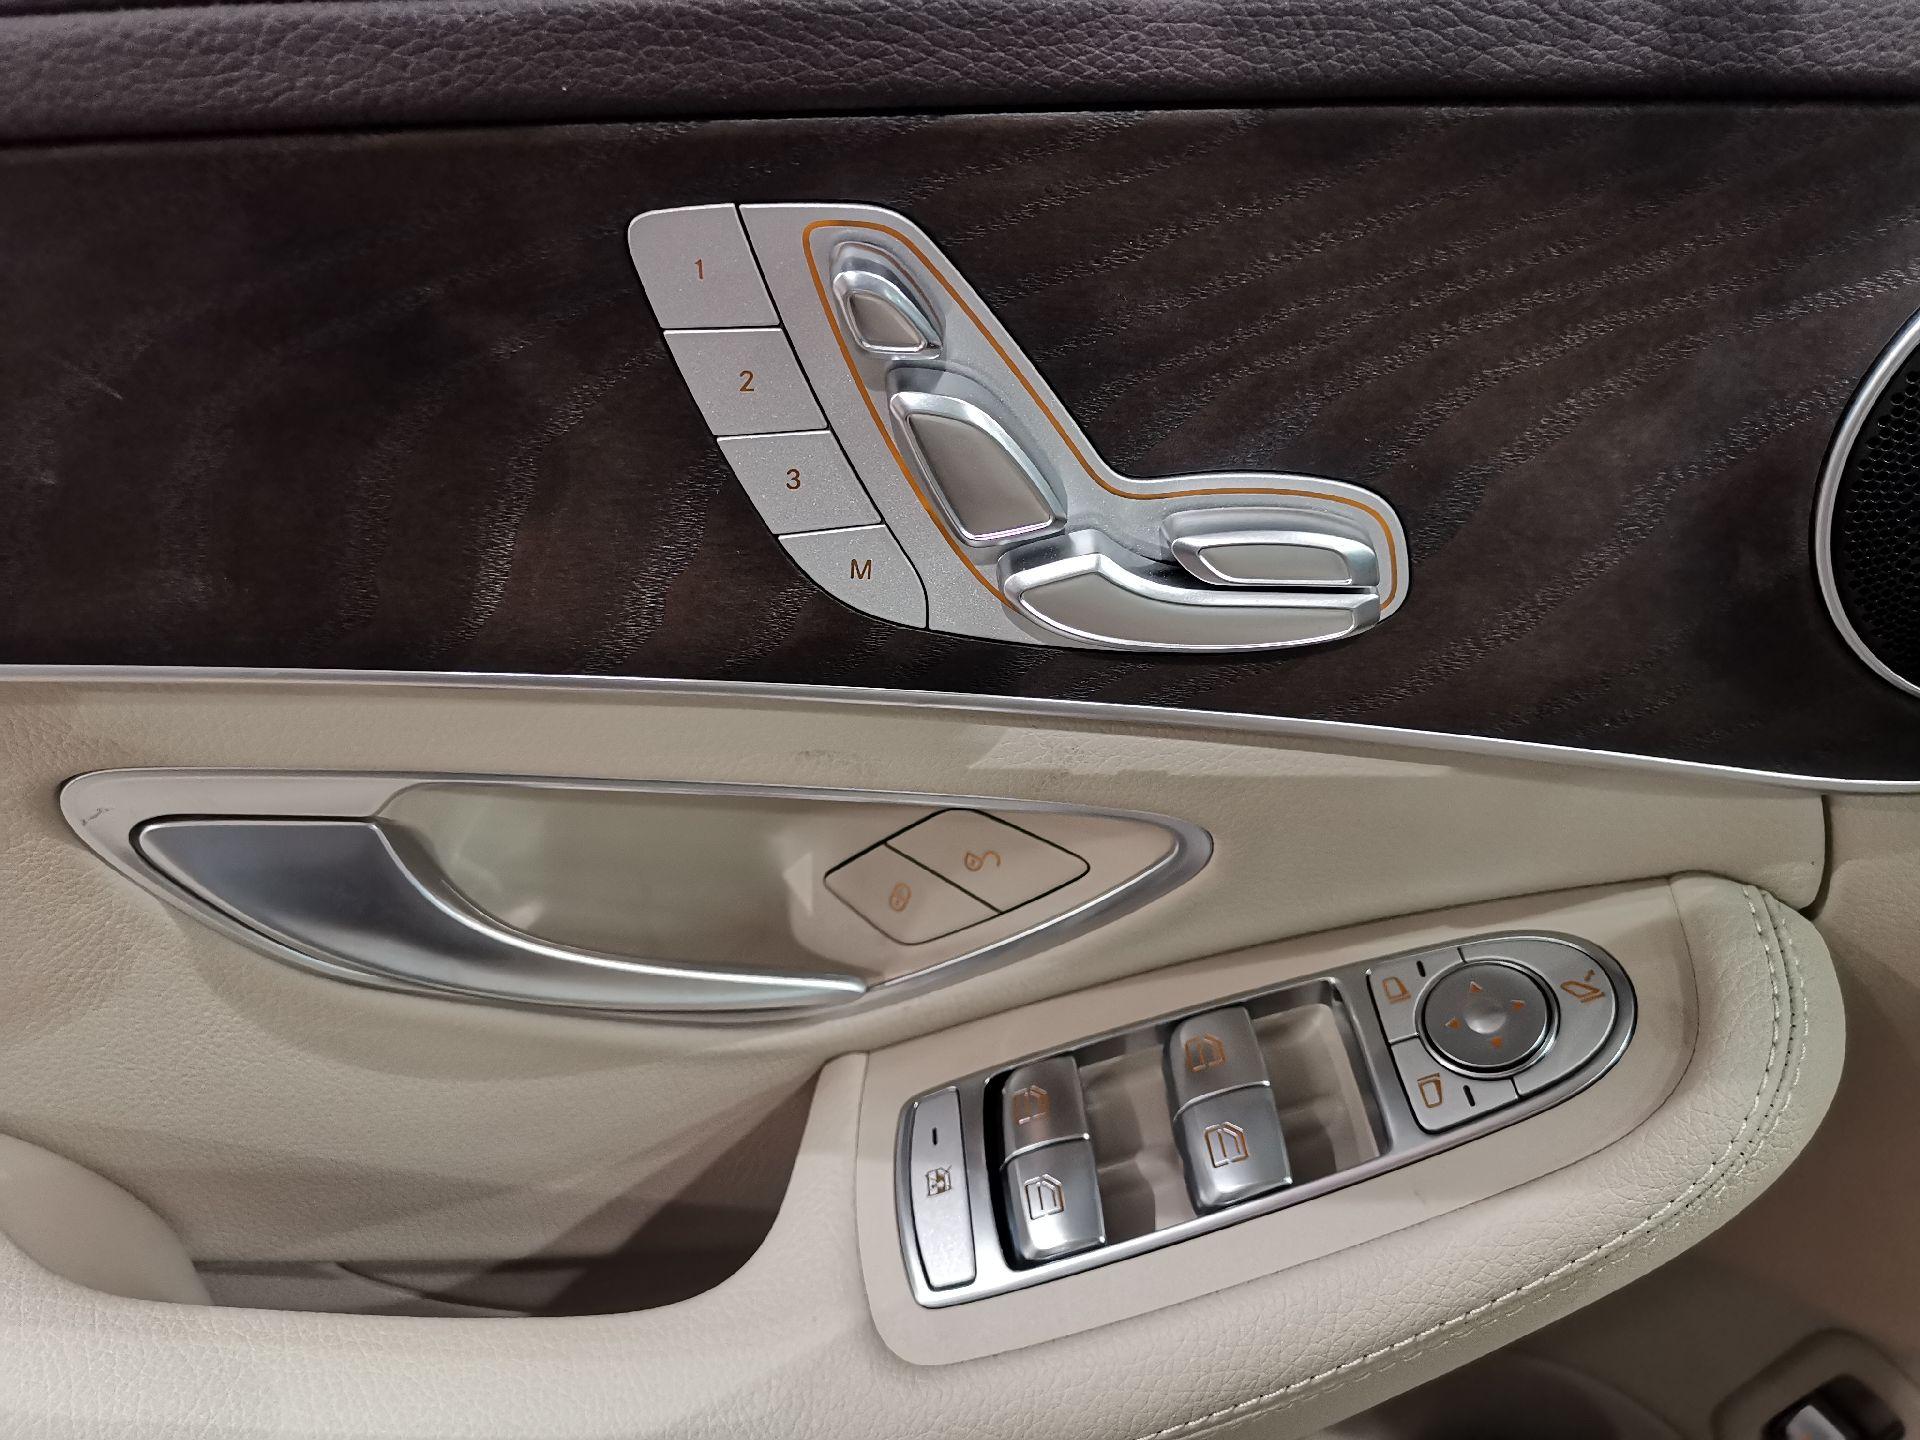 مباع - مرسيدس C200 نص فل 2020 ألماني للبيع في الرياض - السعودية - صورة كبيرة - 7